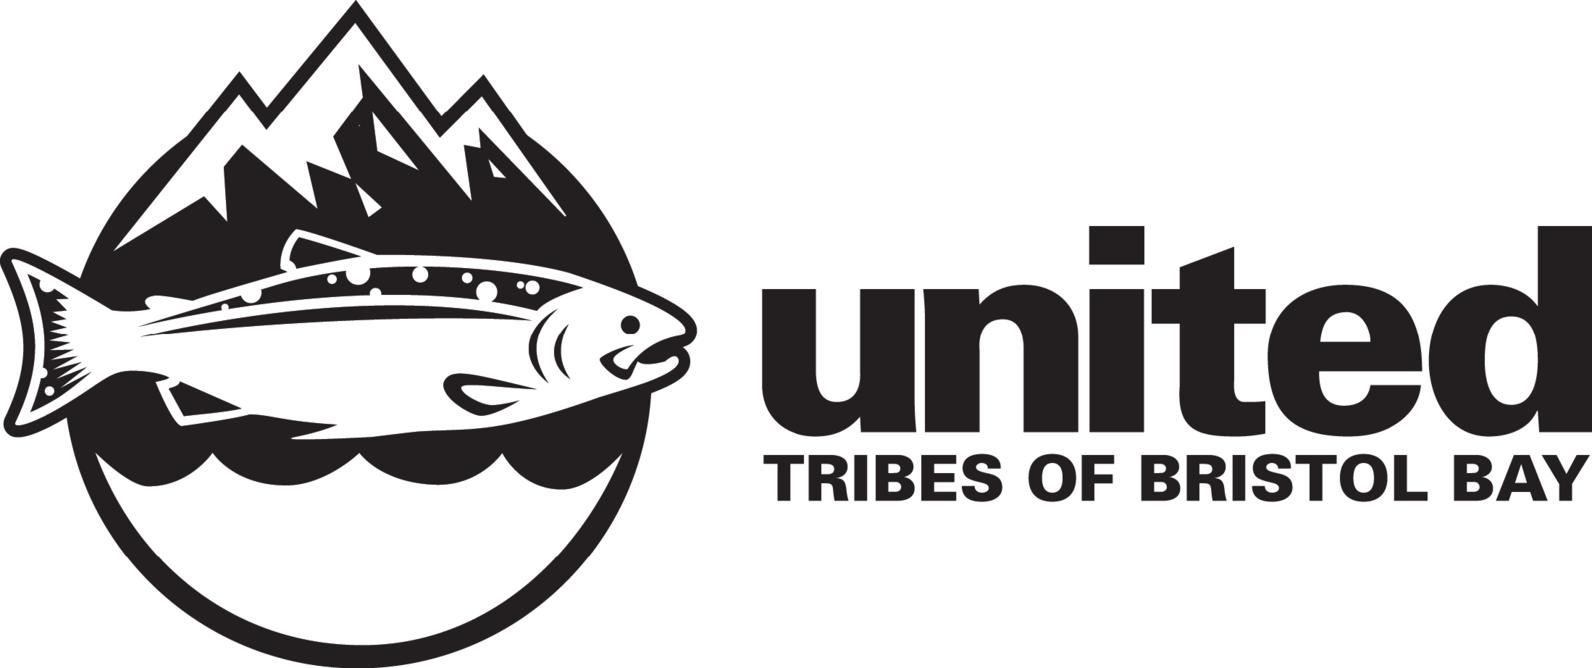 UTBB logo